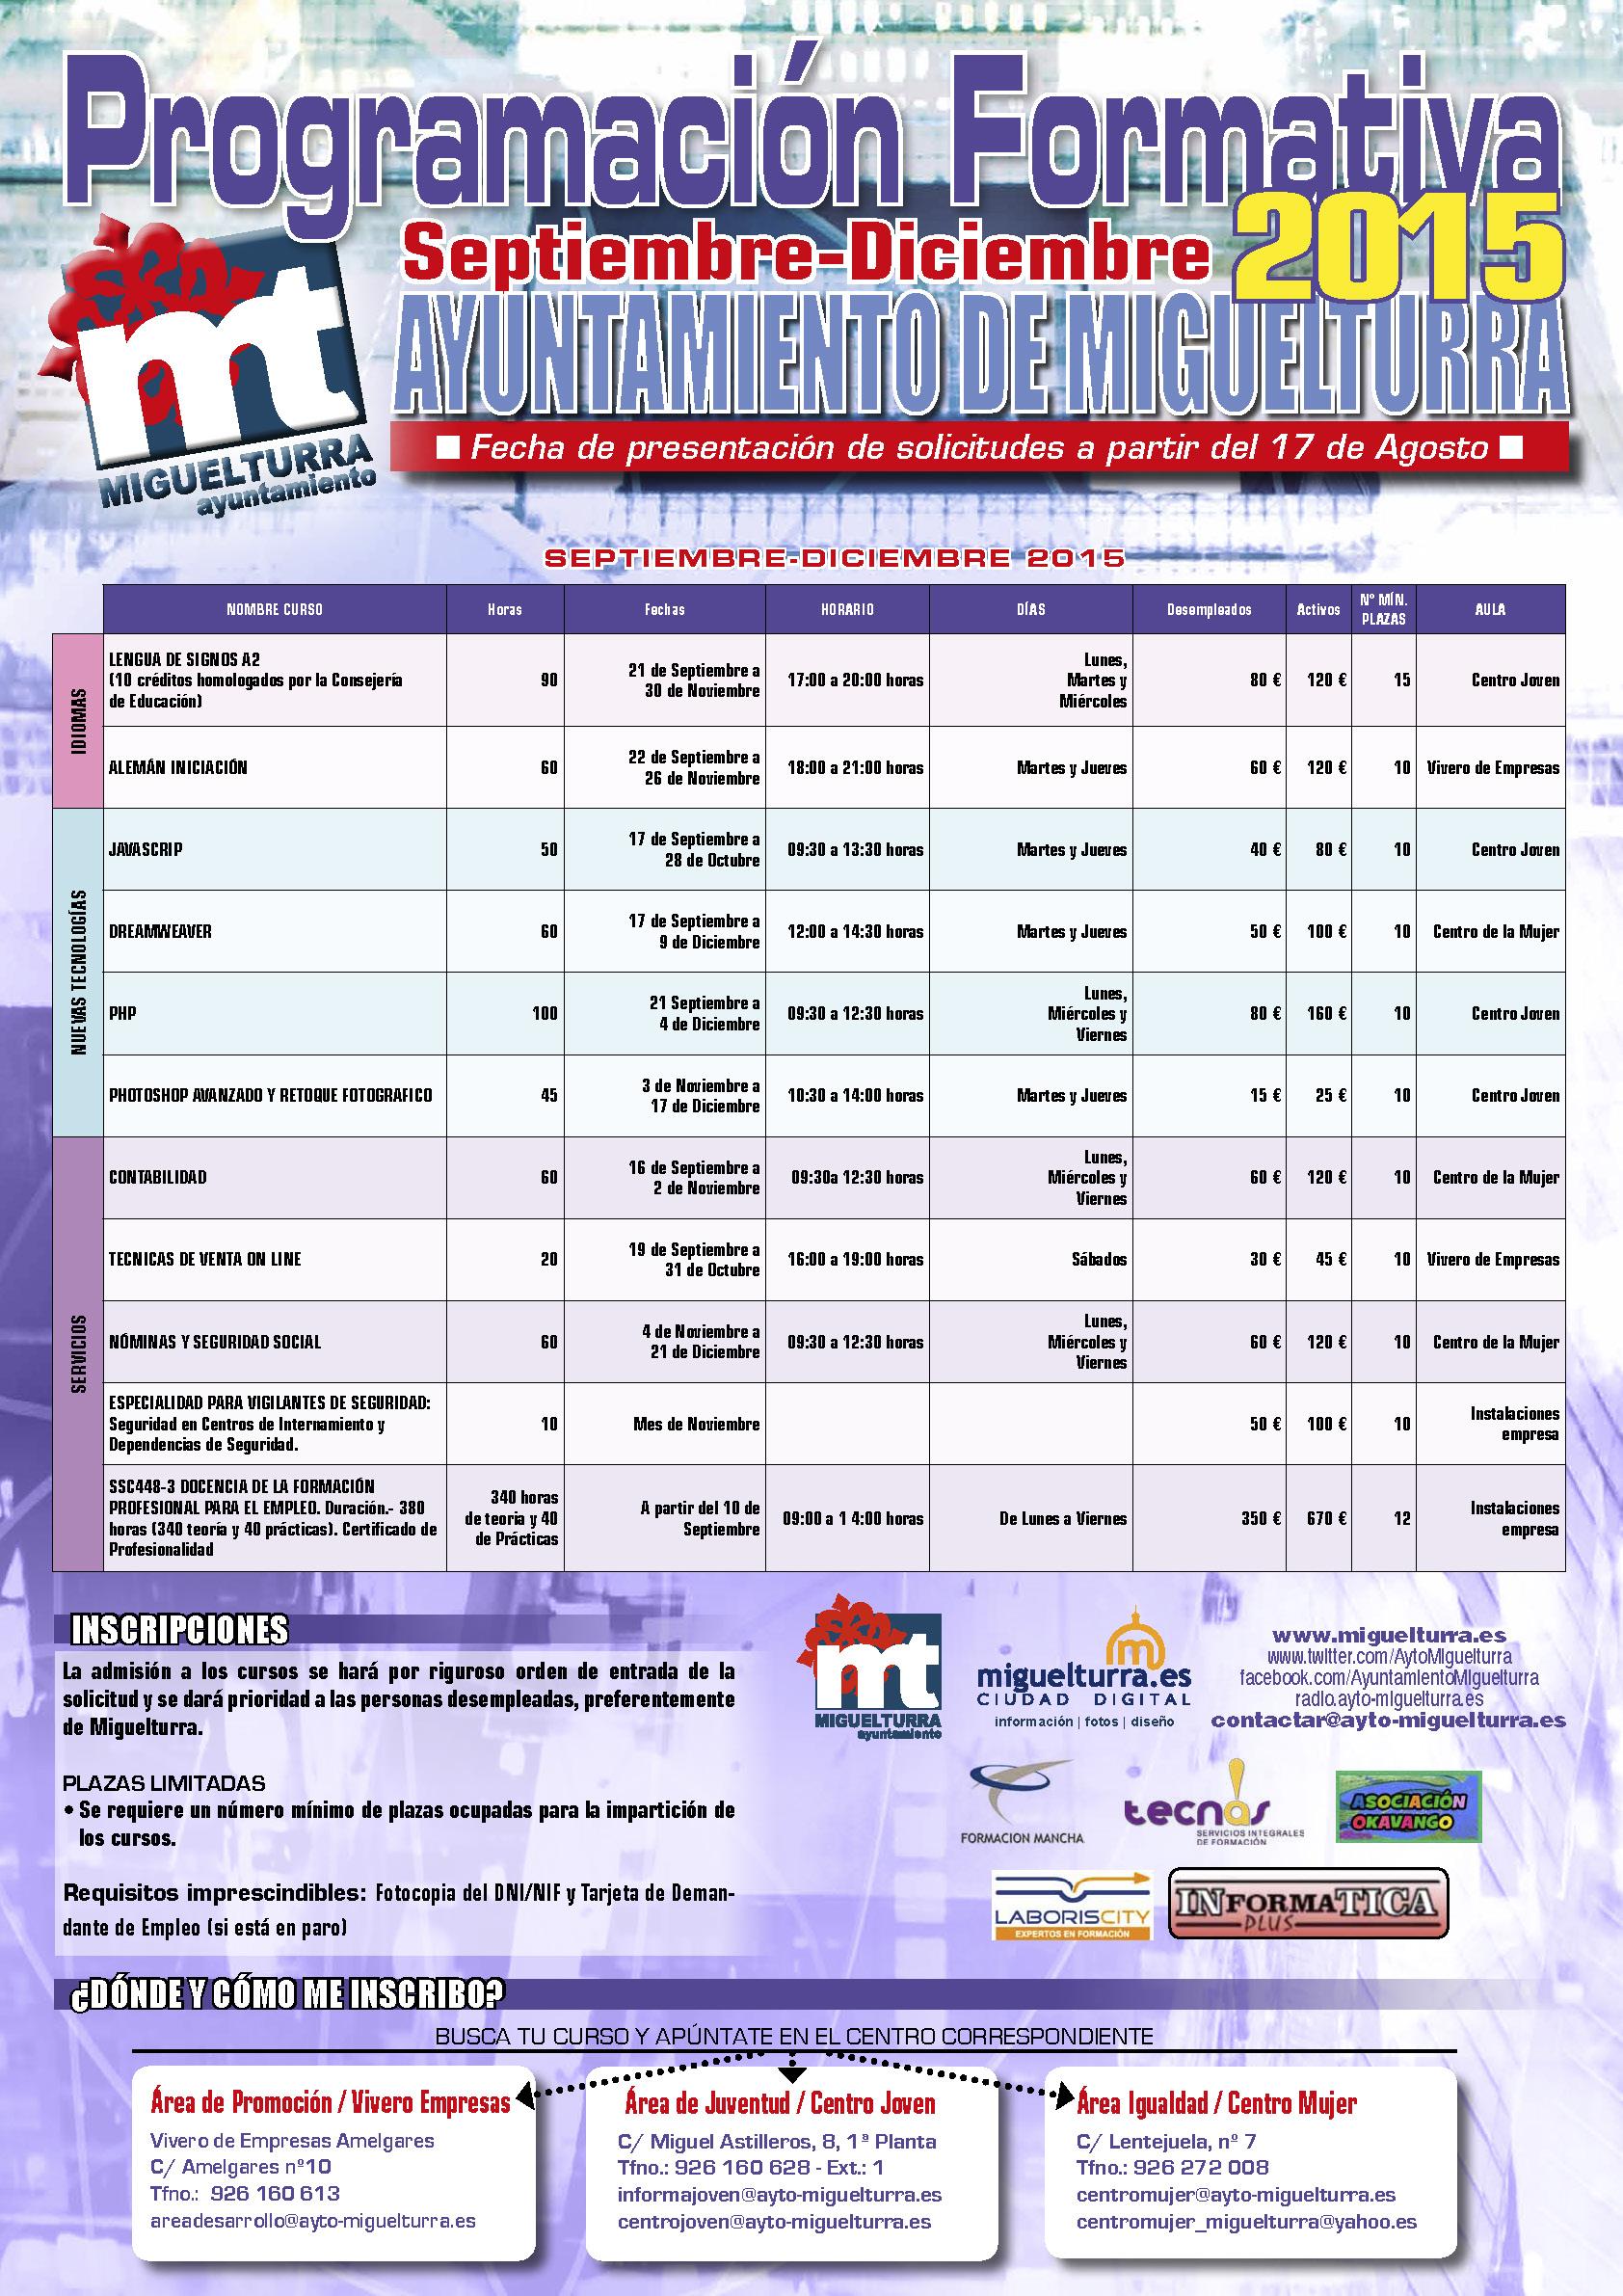 plan de formación del segundo semestre Ayto. de Miguelturra 2015